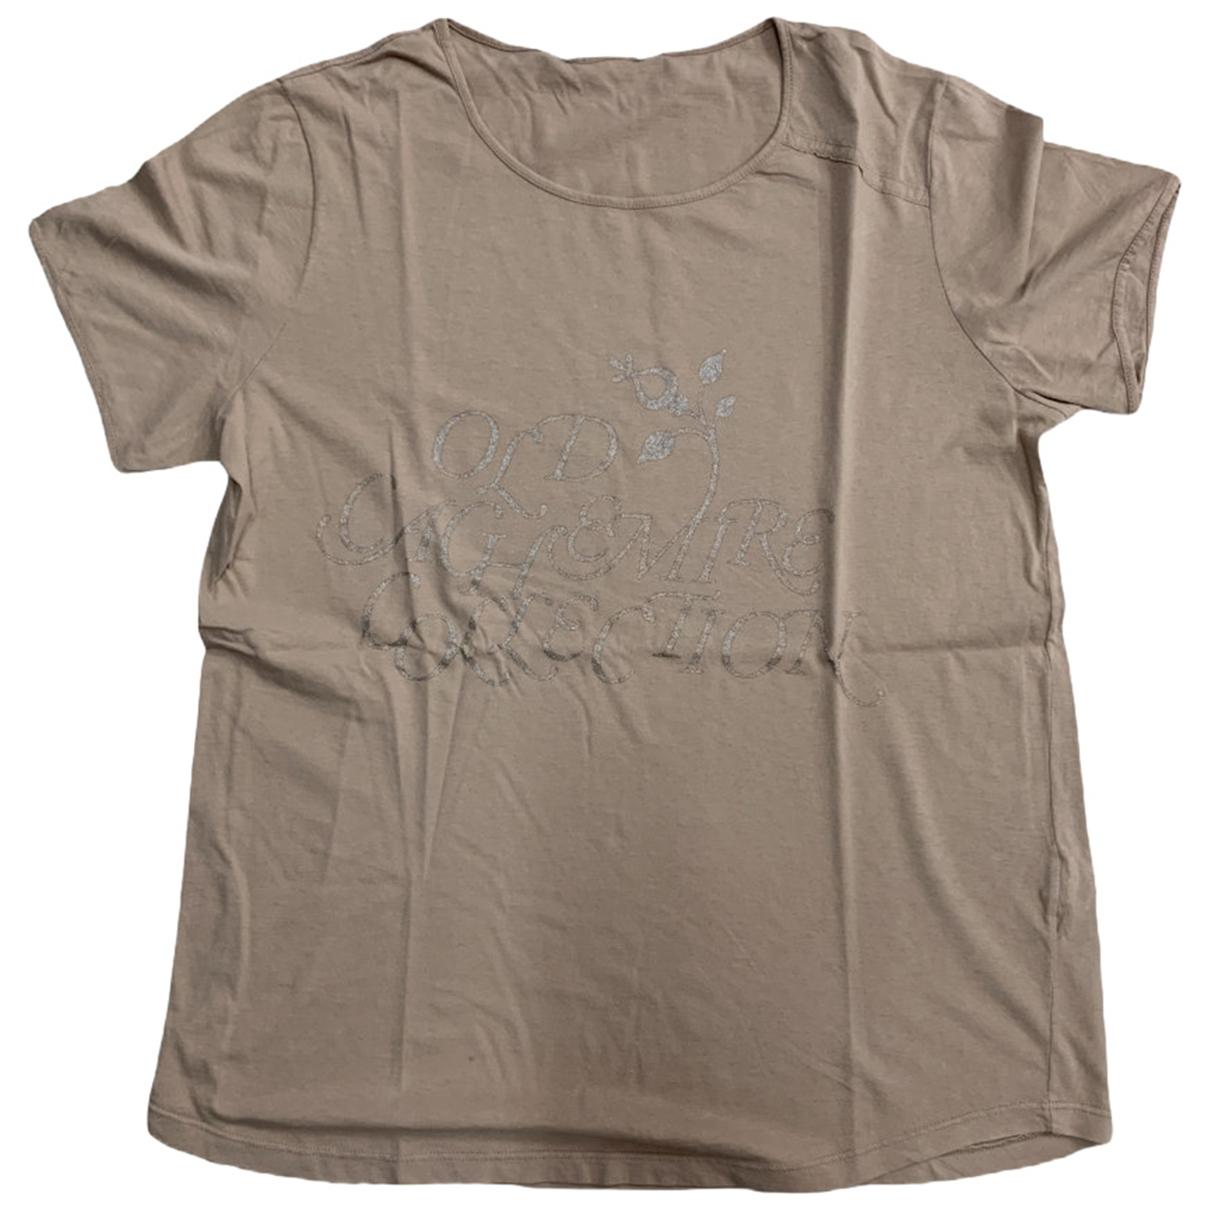 Golden Goose \N Beige Cotton T-shirts for Men L International